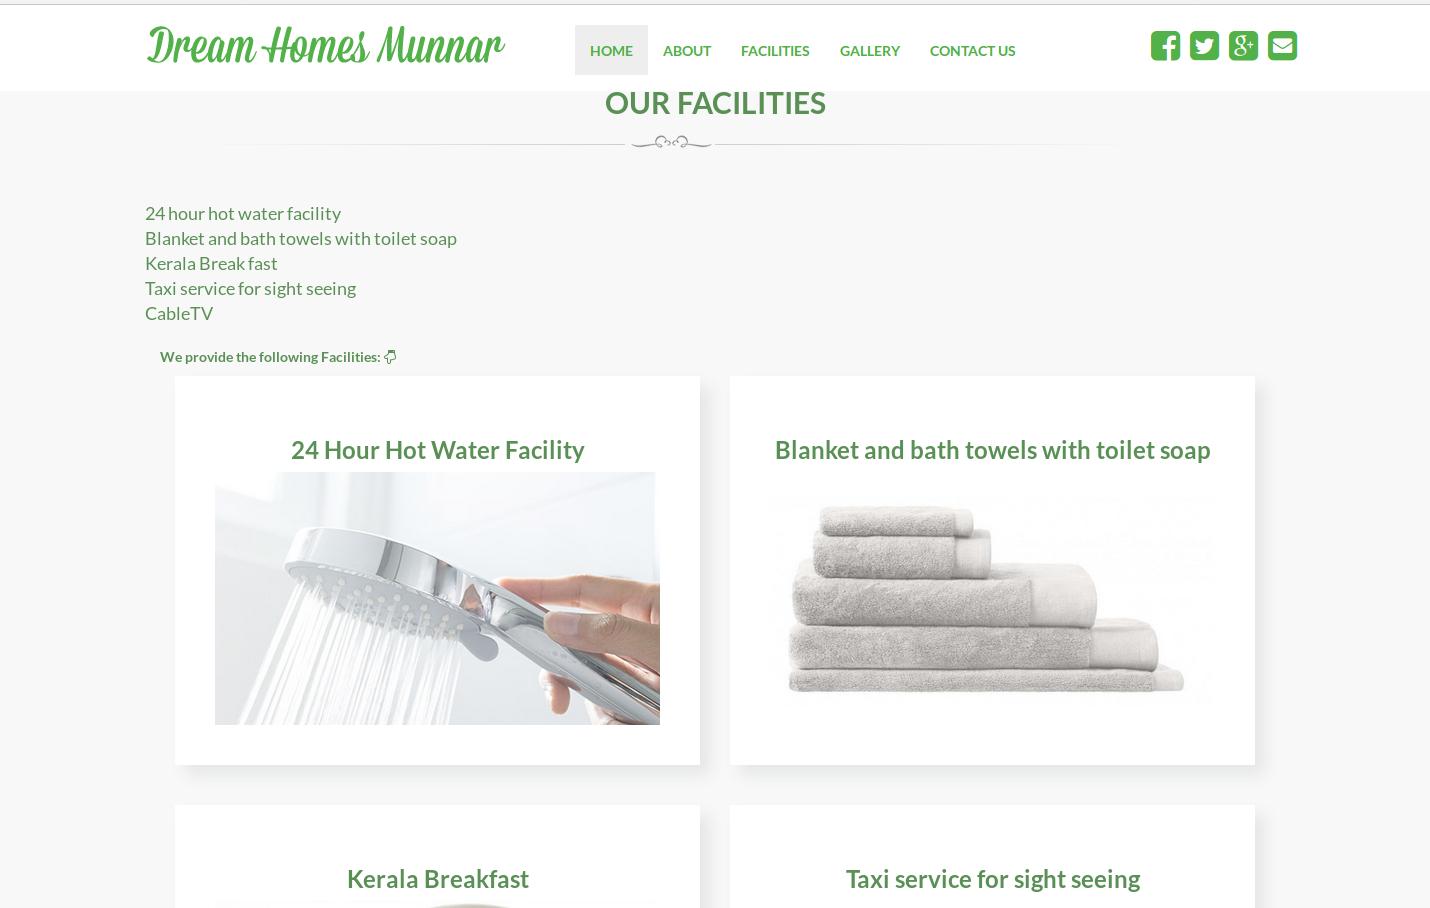 Dream Homes Munnar